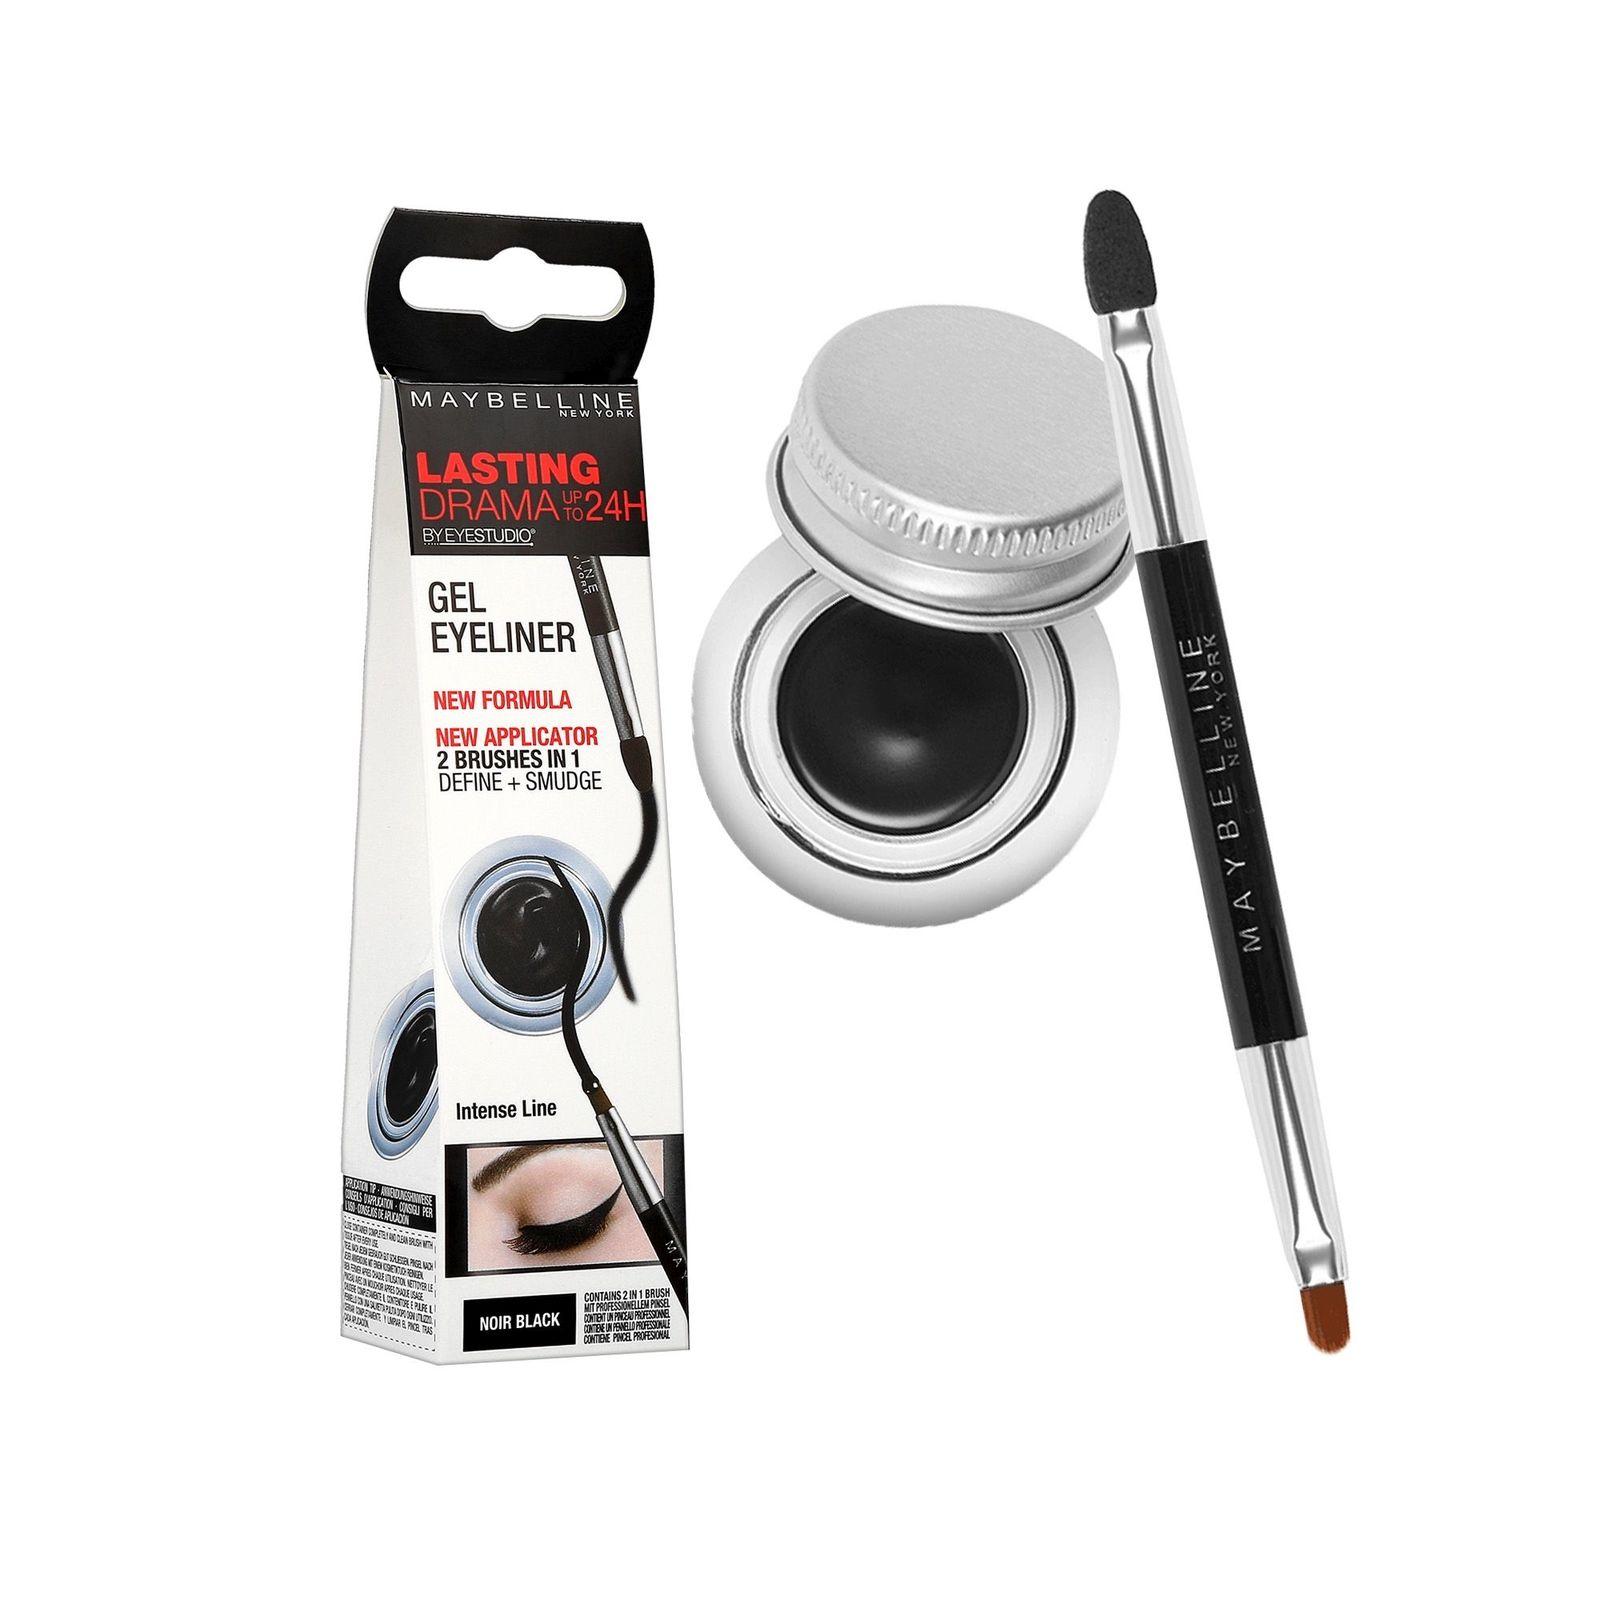 خط چشم و برس آرایشی میبلین مدل لستینگ دراما main 1 1